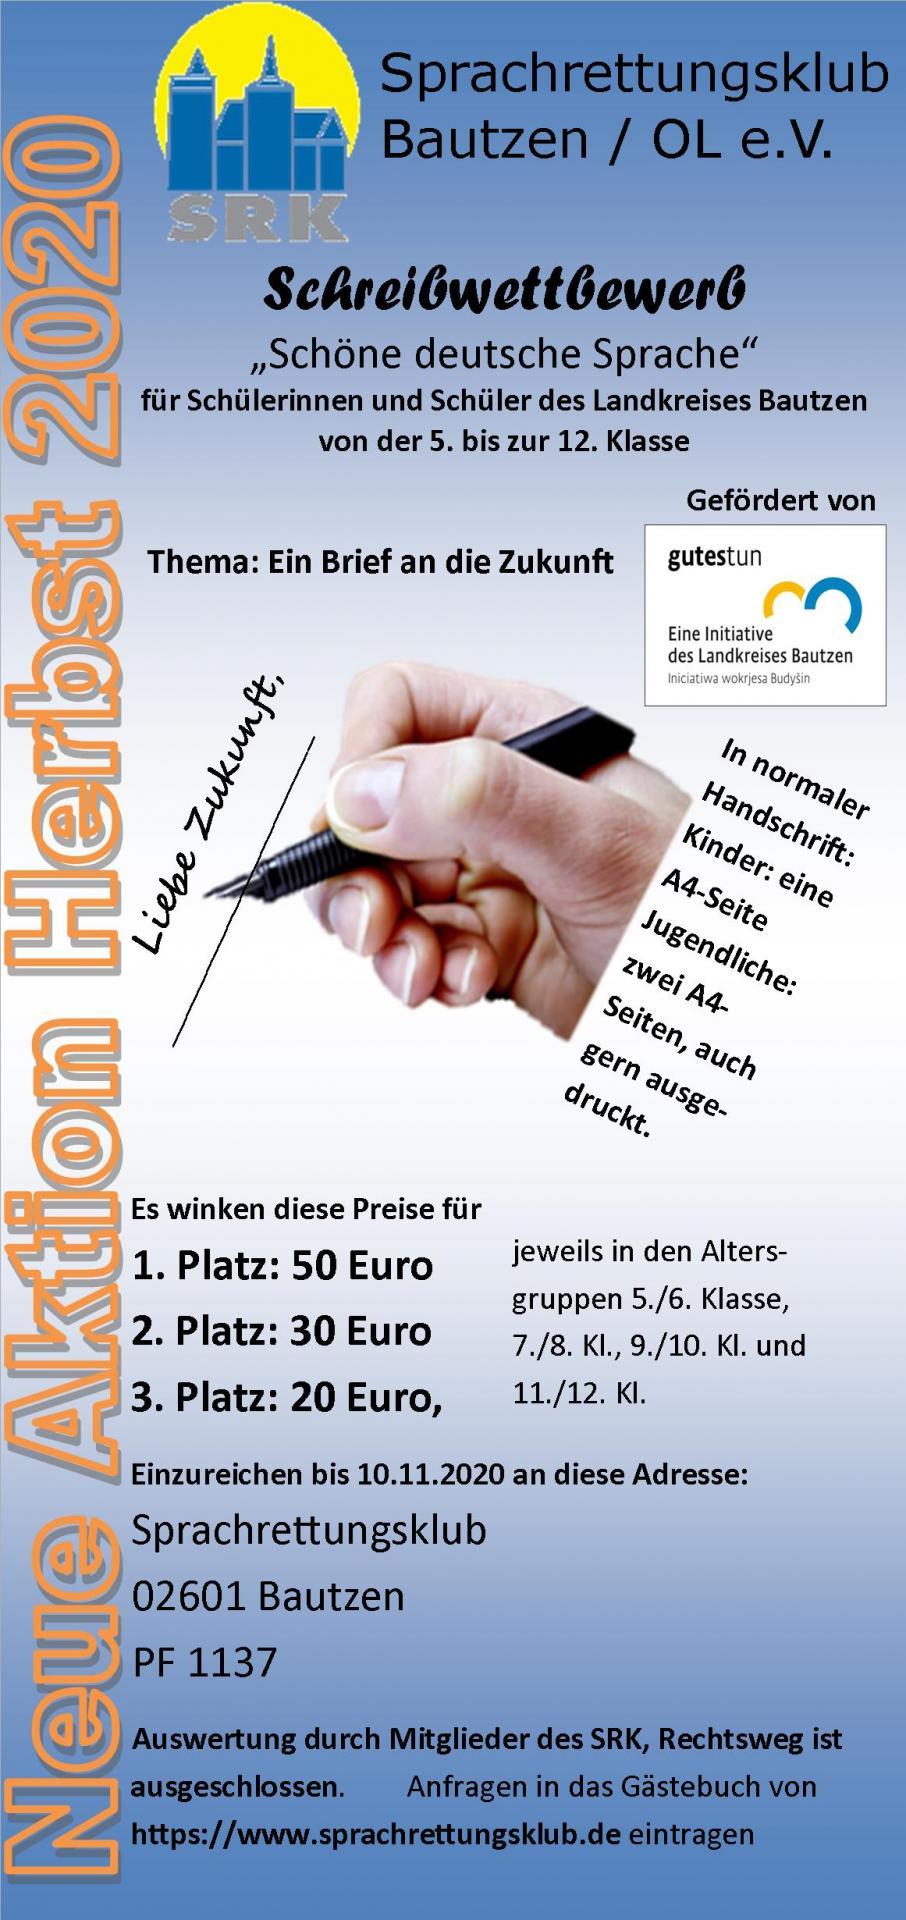 Handzettel Aktion Schreibwettbewerb 2020